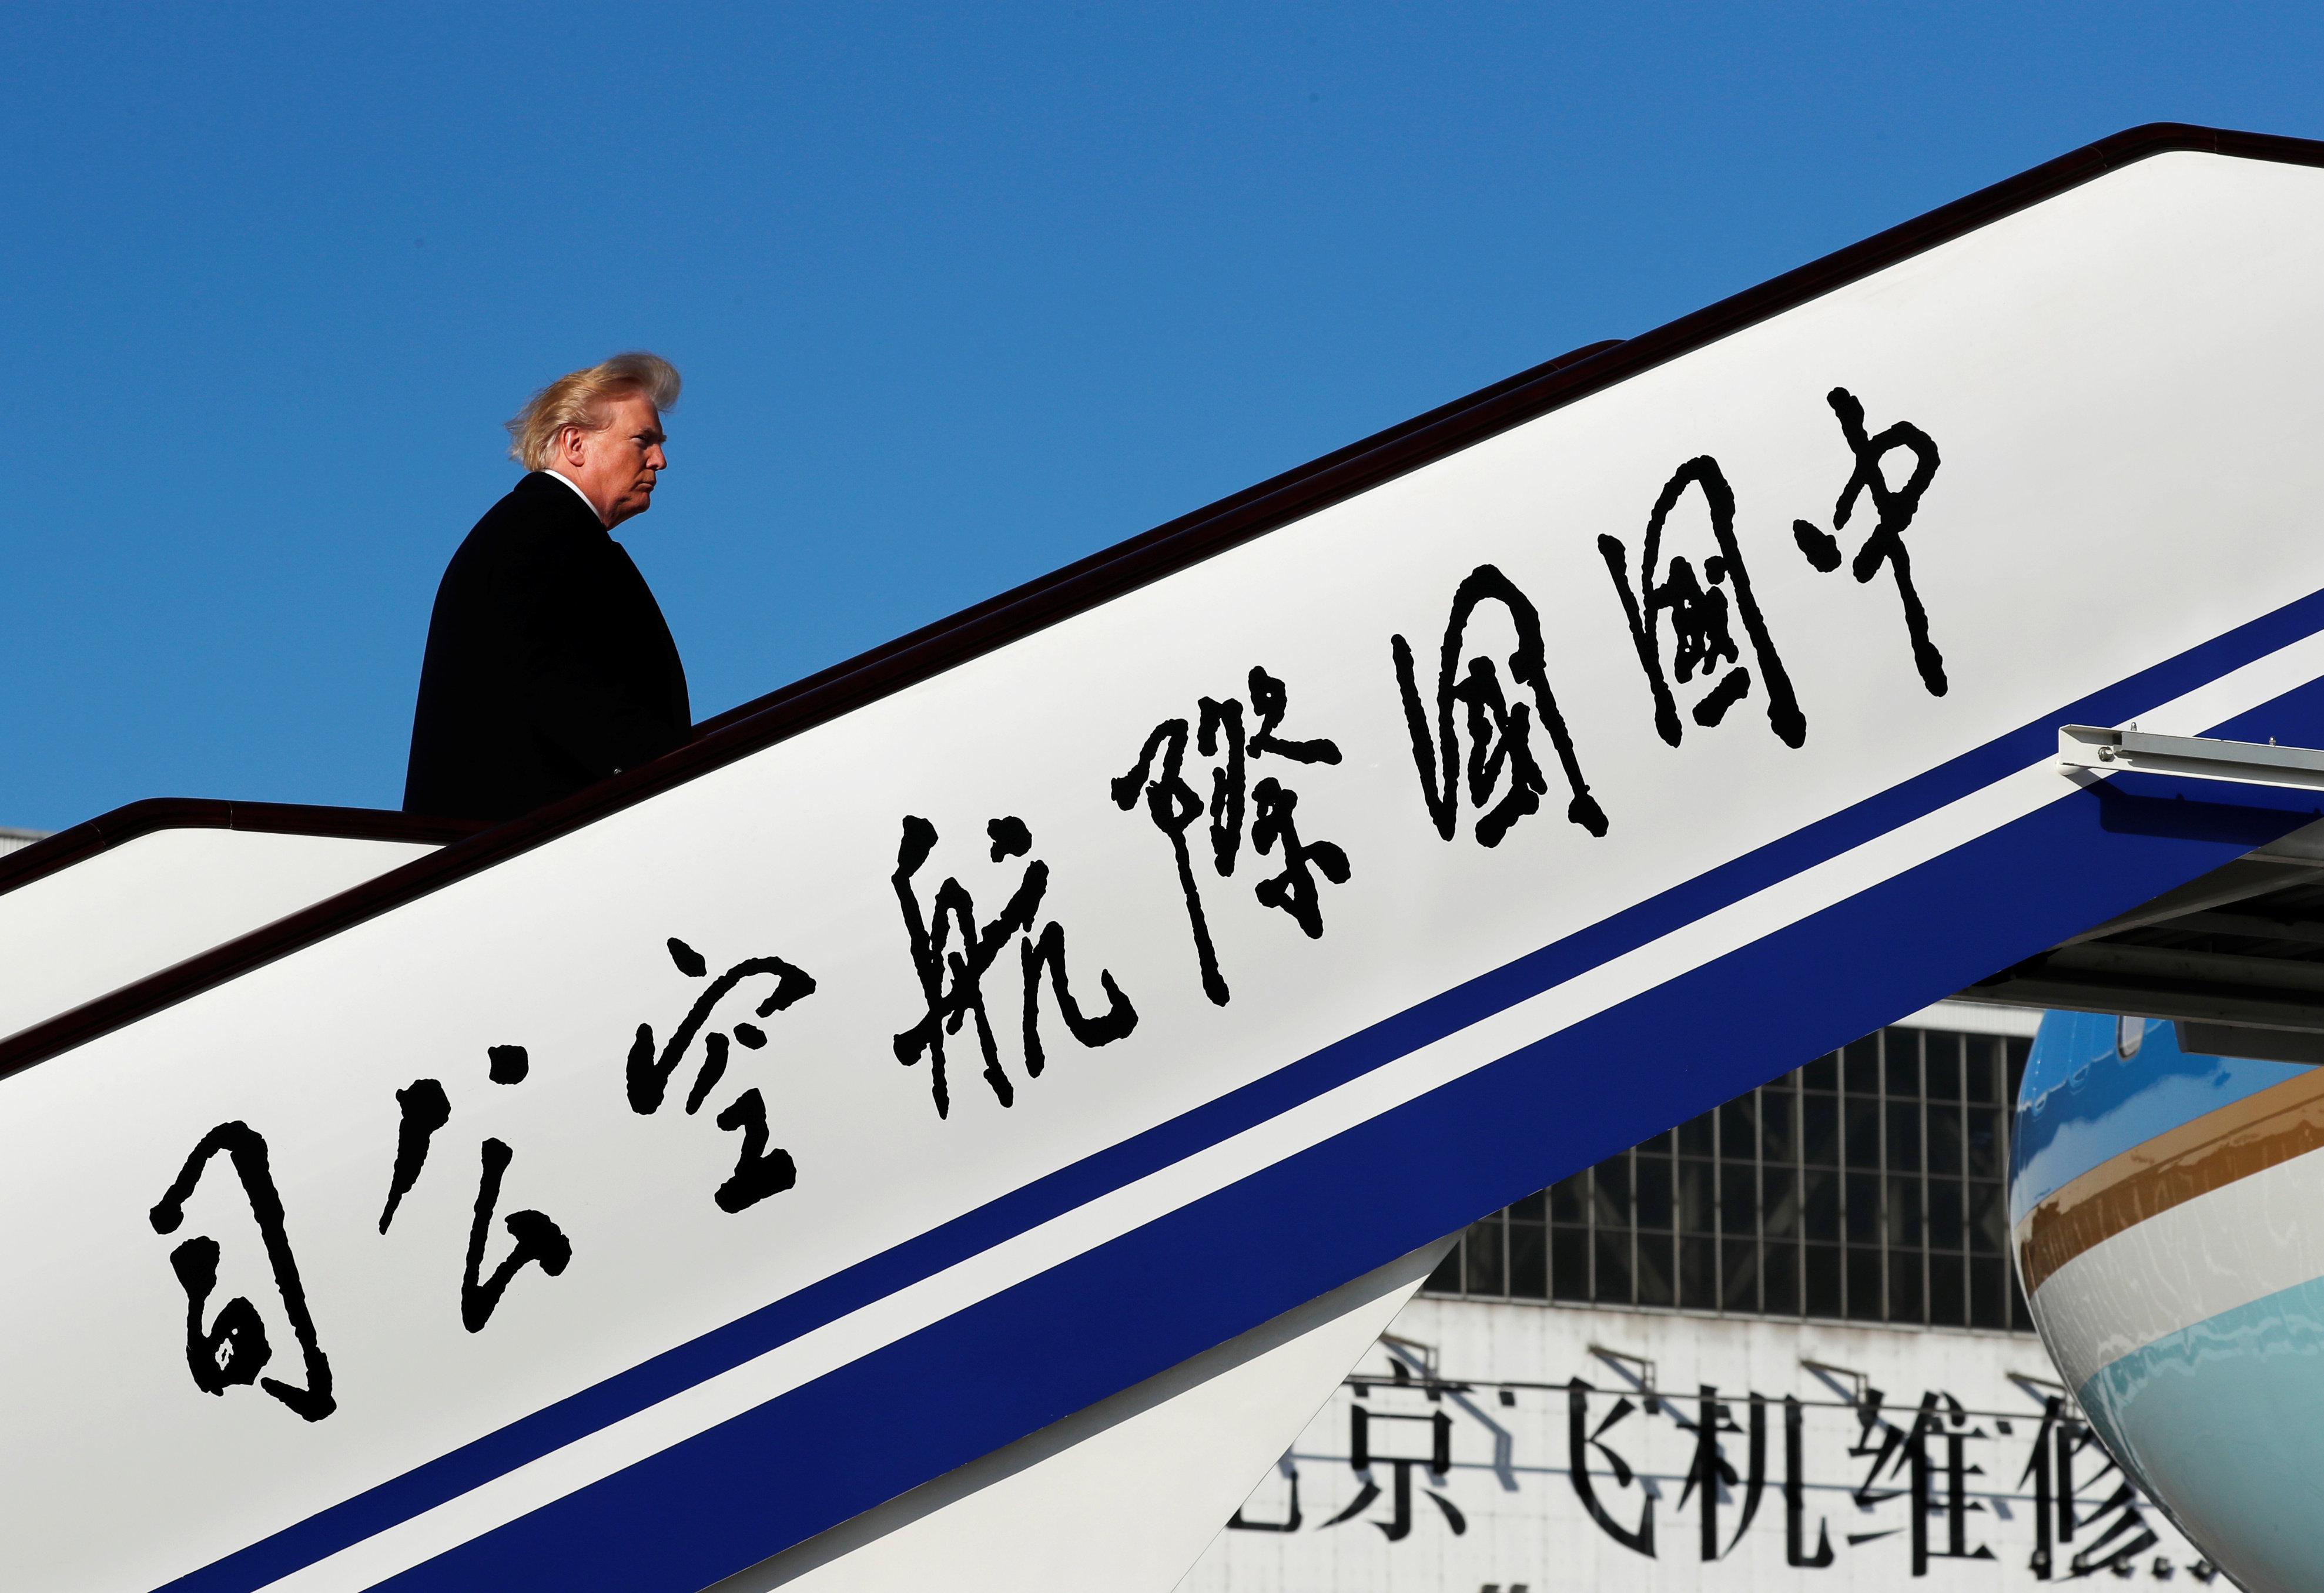 Νέους δασμούς σε εισαγόμενα προϊόντα από την Κίνα ανακοινώνει ο Τραμπ. Στα 50δισεκ. δολάρια η συνολική...